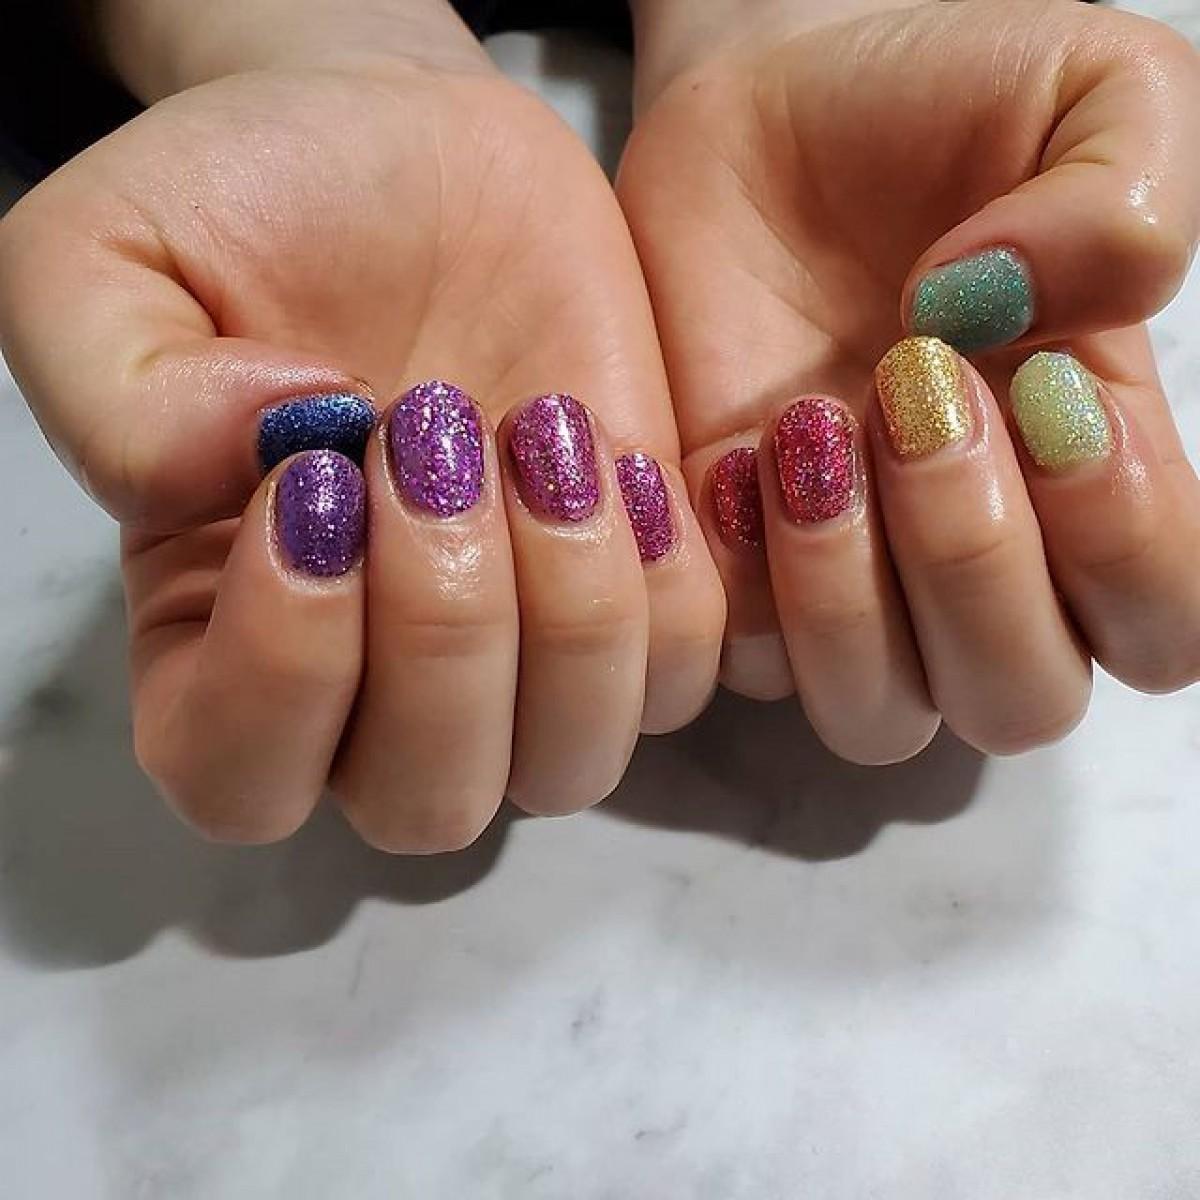 元気がもらえるラッキーカラー?虹を彷彿とさせる7色のネイルデザインをPICK UP